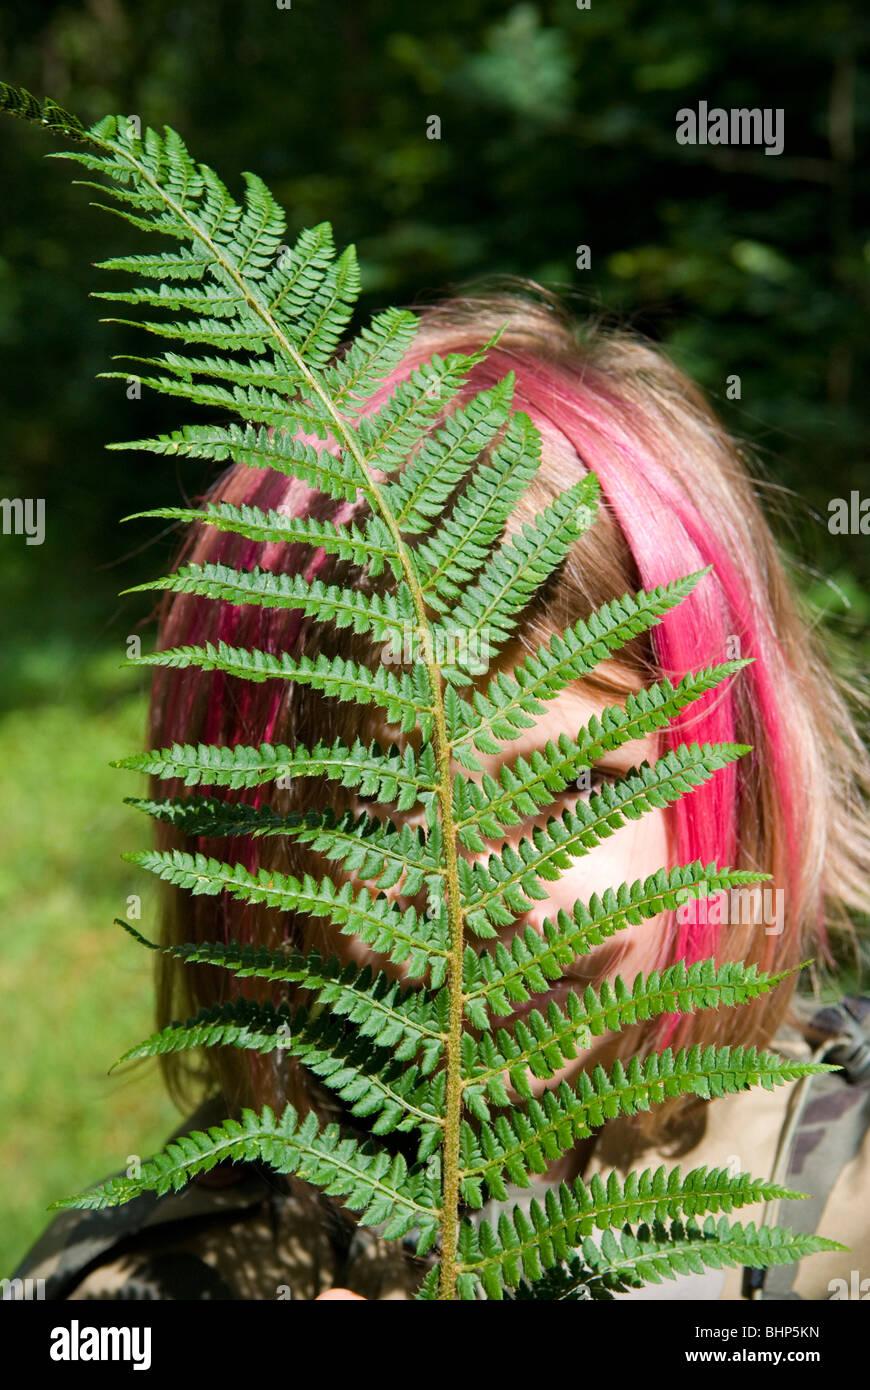 Une jeune fille aux cheveux teints en rose bob se cache derrière une feuille de fougère d'un vert Photo Stock